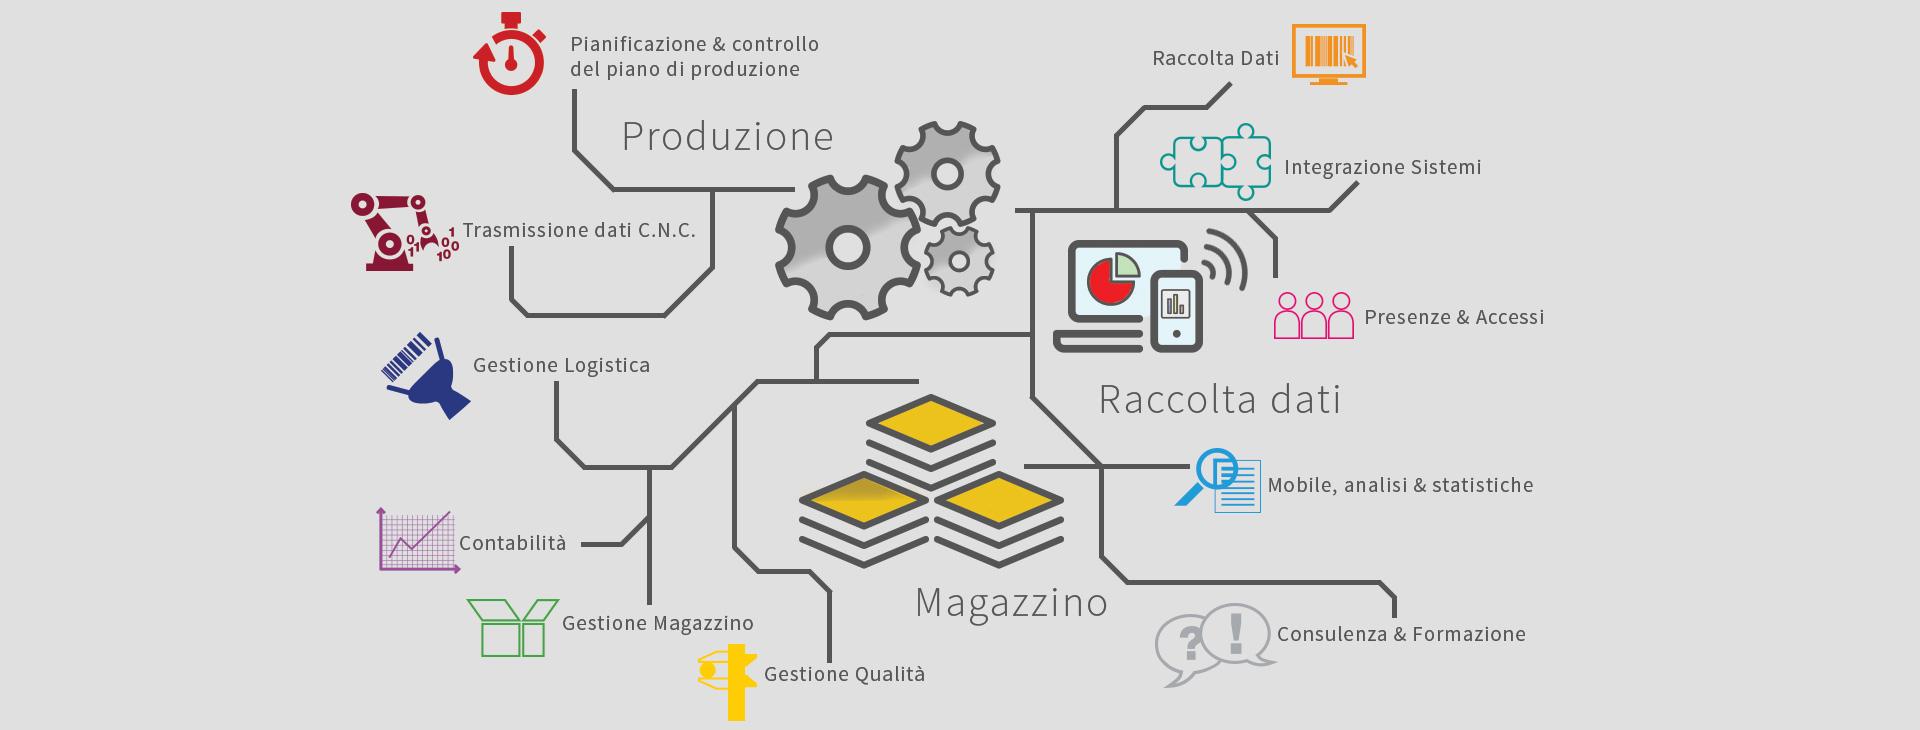 Industria 4.0: Oltre 25 anni di esperienza in soluzioni tecnologiche per la digitalizzazionedei processi produttivi.